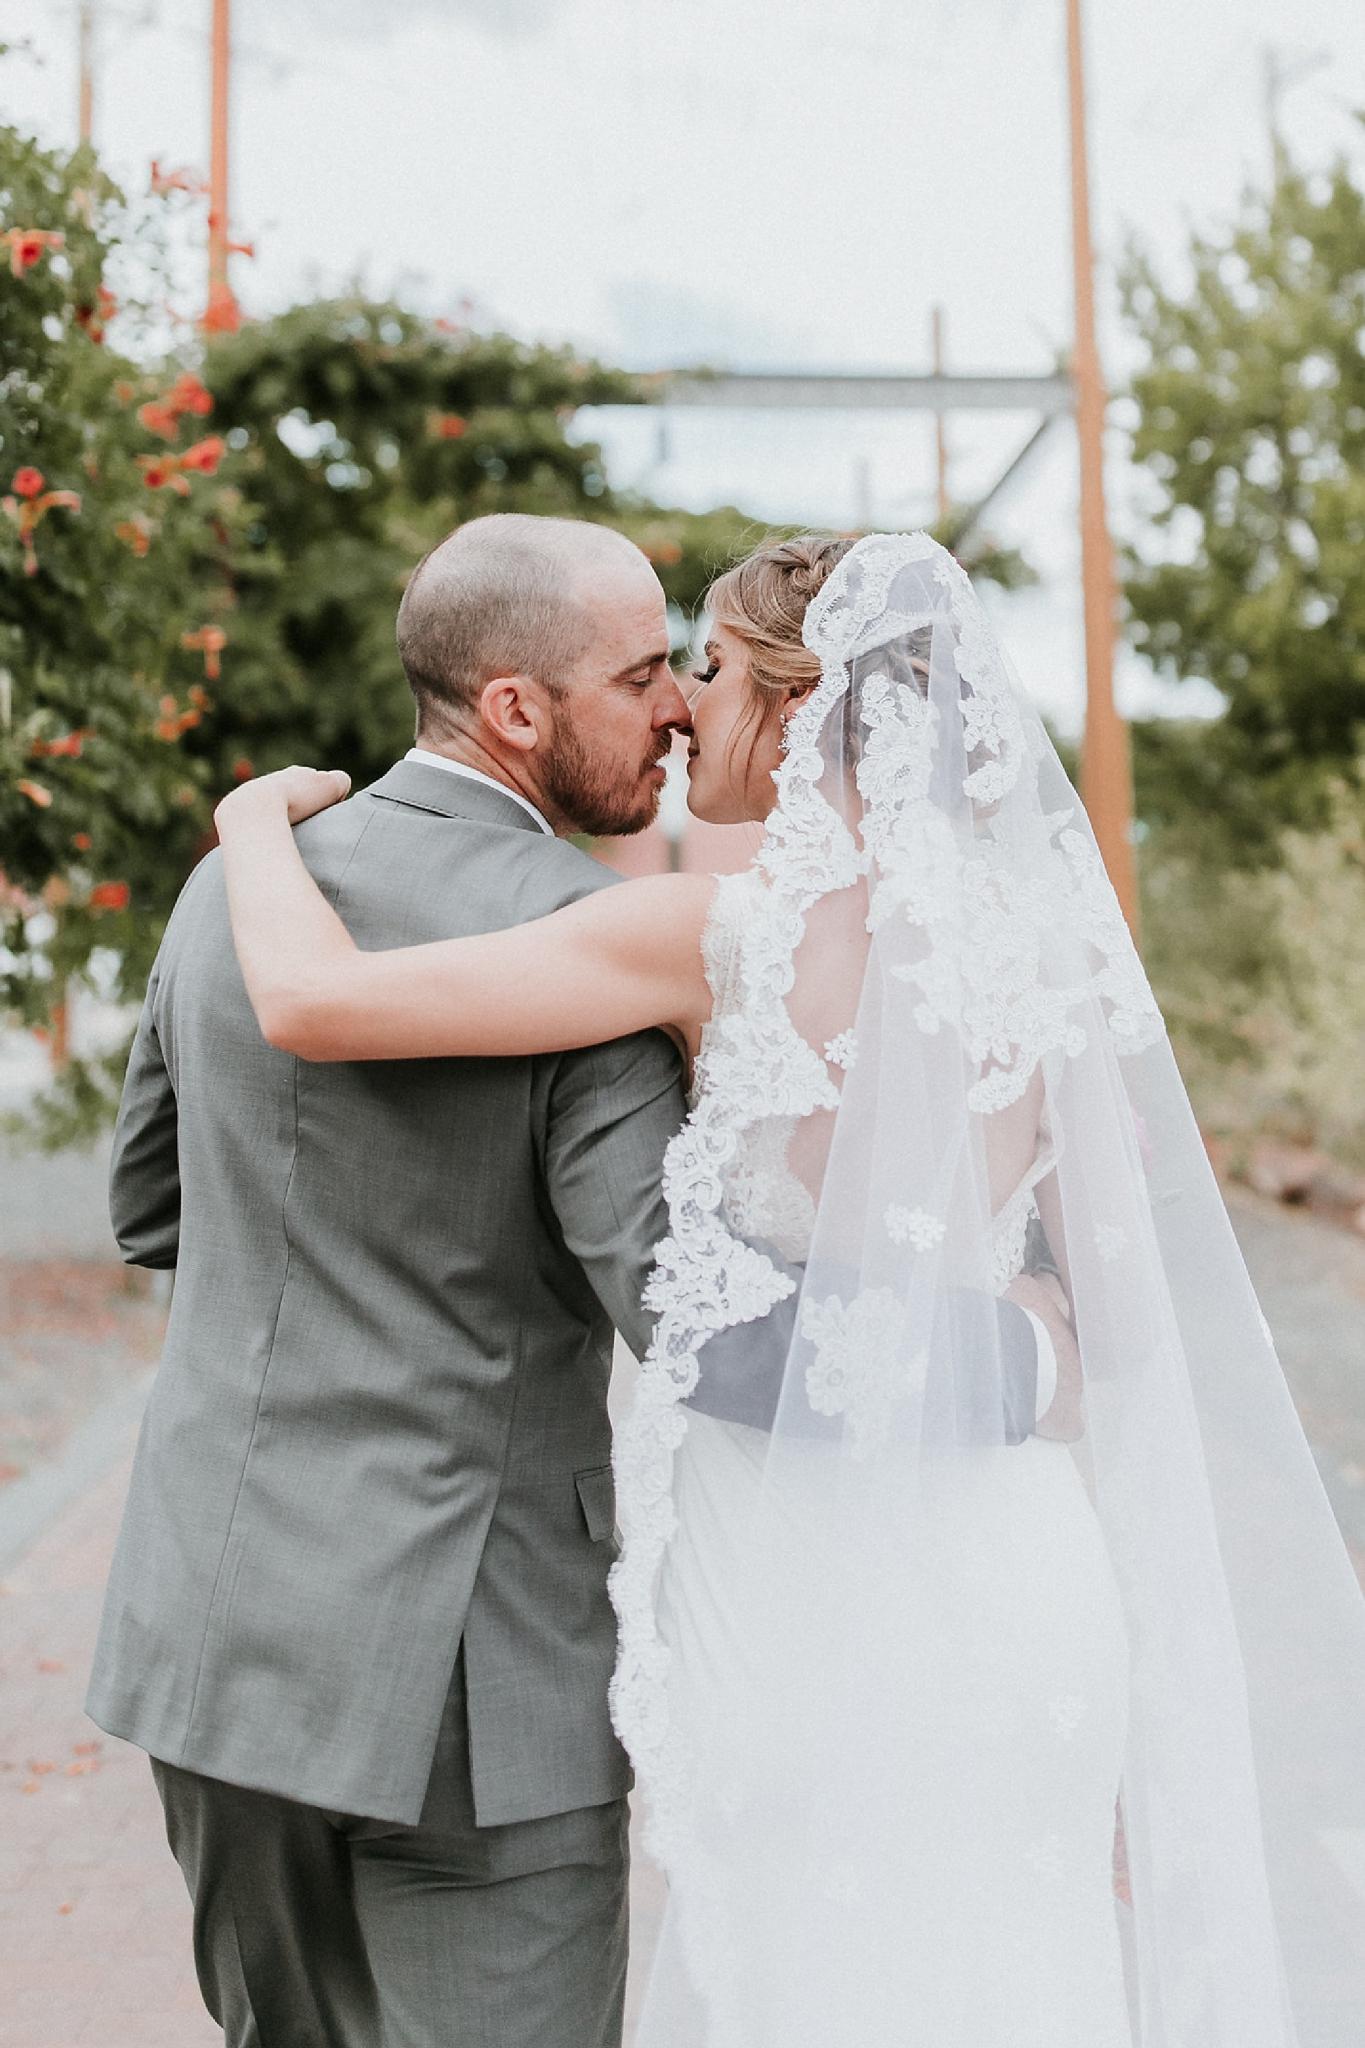 Alicia+lucia+photography+-+albuquerque+wedding+photographer+-+santa+fe+wedding+photography+-+new+mexico+wedding+photographer+-+new+mexico+wedding+-+wedding+photographer+-+wedding+photographer+team_0193.jpg